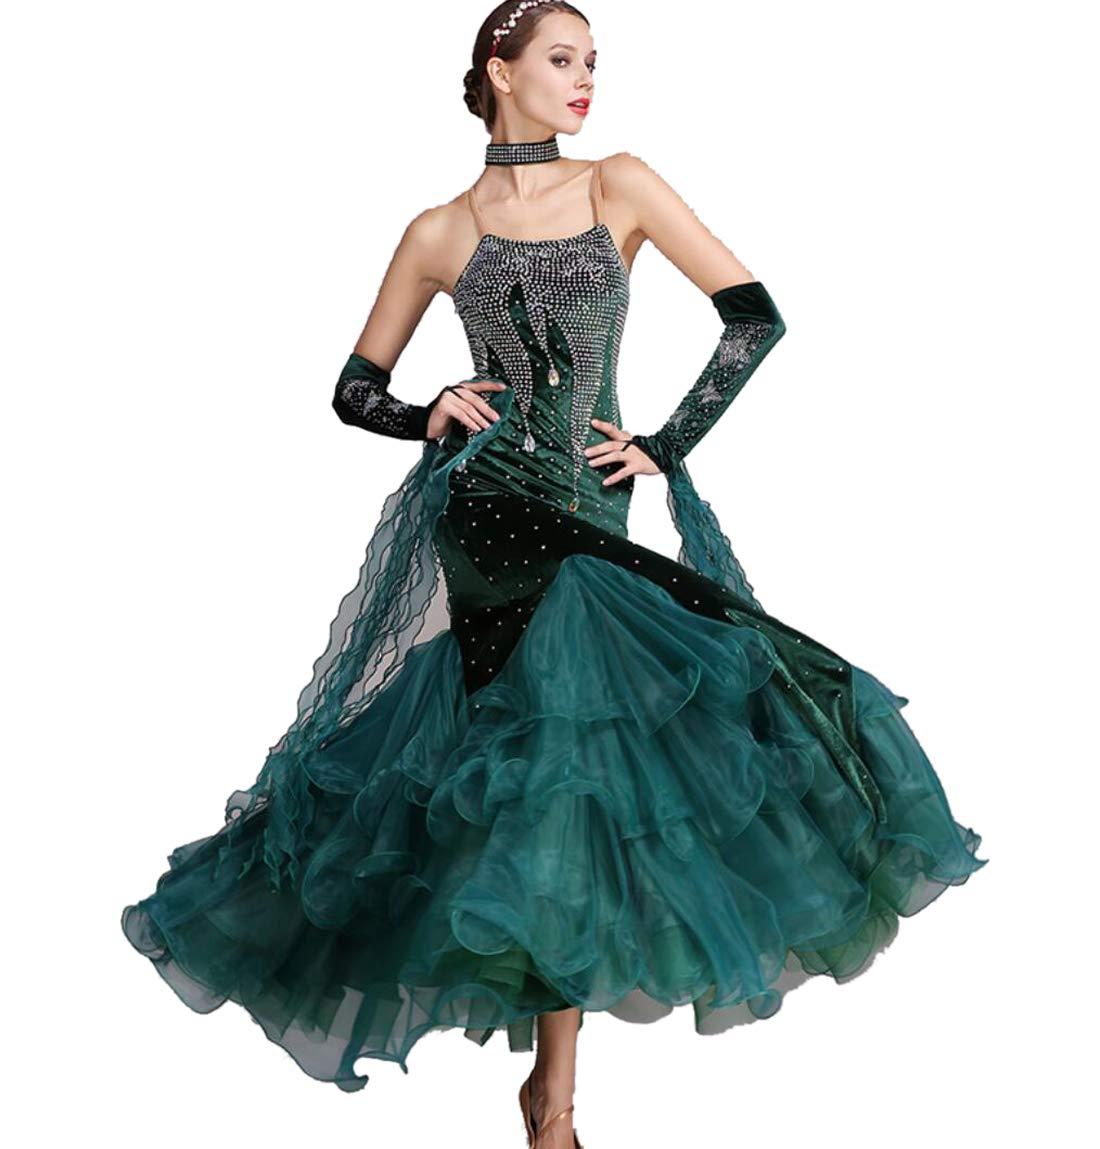 A XXL ZYLL Robes de Danse de Salon Robe de Danse Moderne pour Les Femmes Norme Nationale Costume de Danse de Salon en Dentelle Couture Tango Valse Exercice Jupe Tulle balançoire